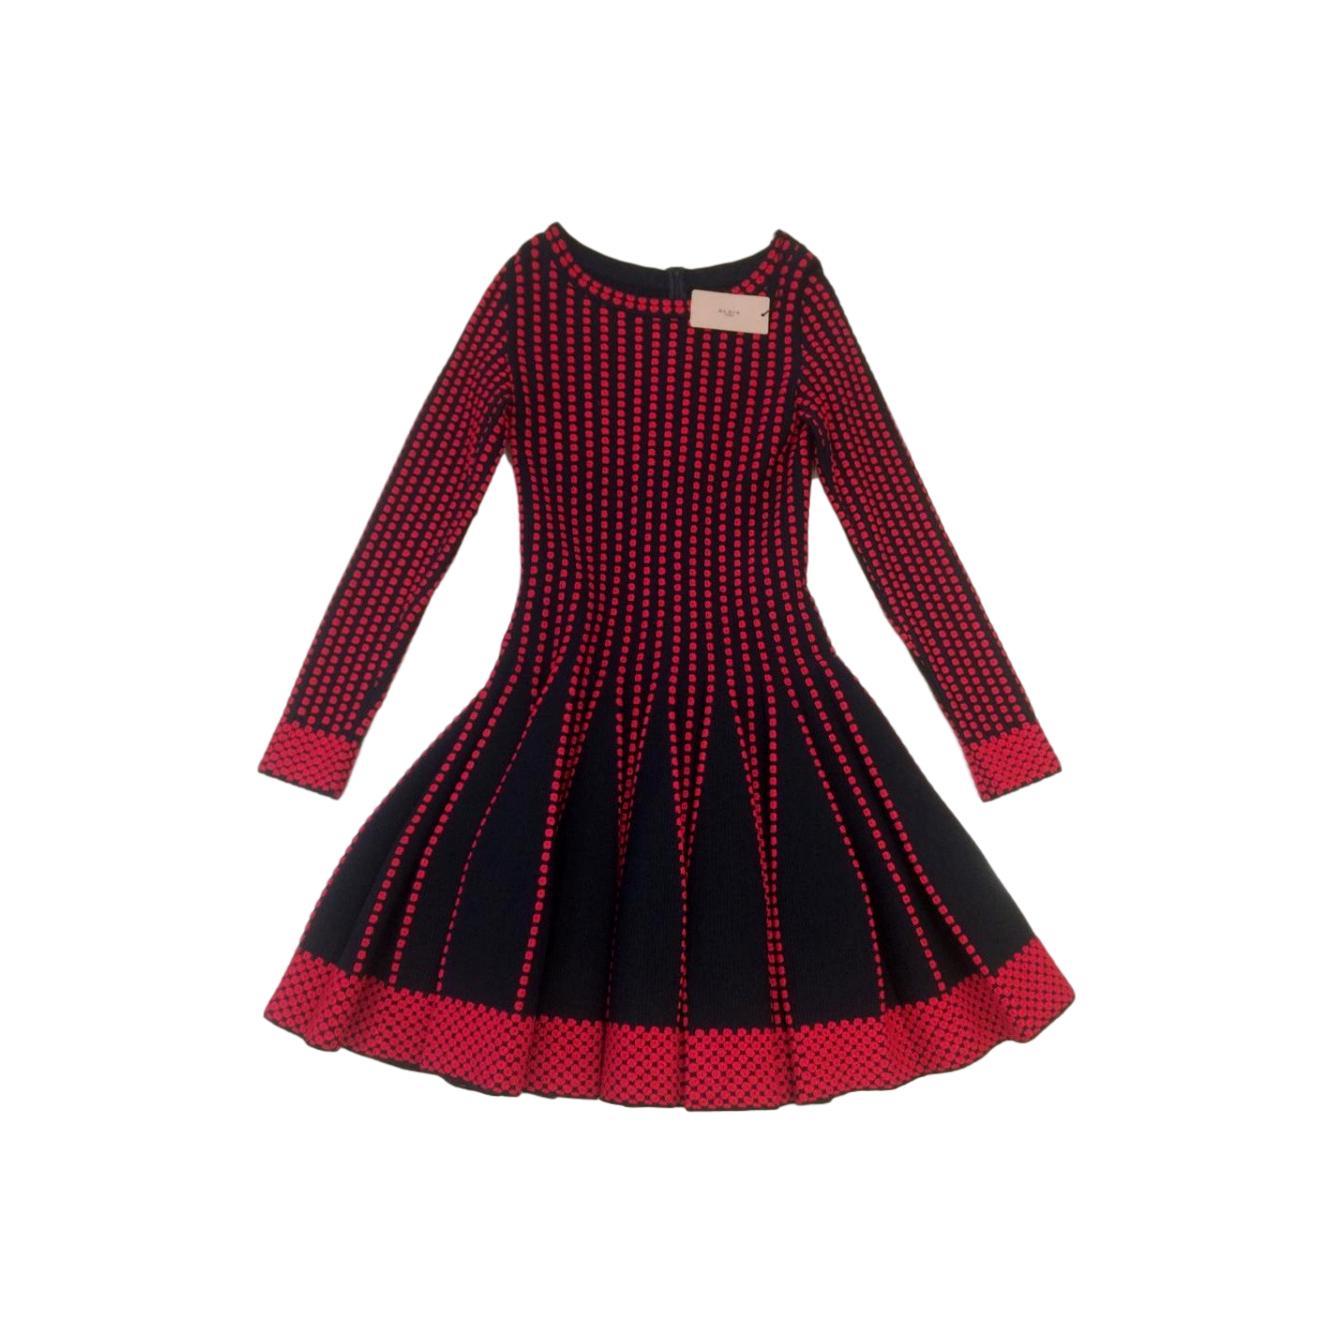 2ecb23eeaa6 Купить платье Alaïa за 38830 руб. в интернет магазине - бутике с ...